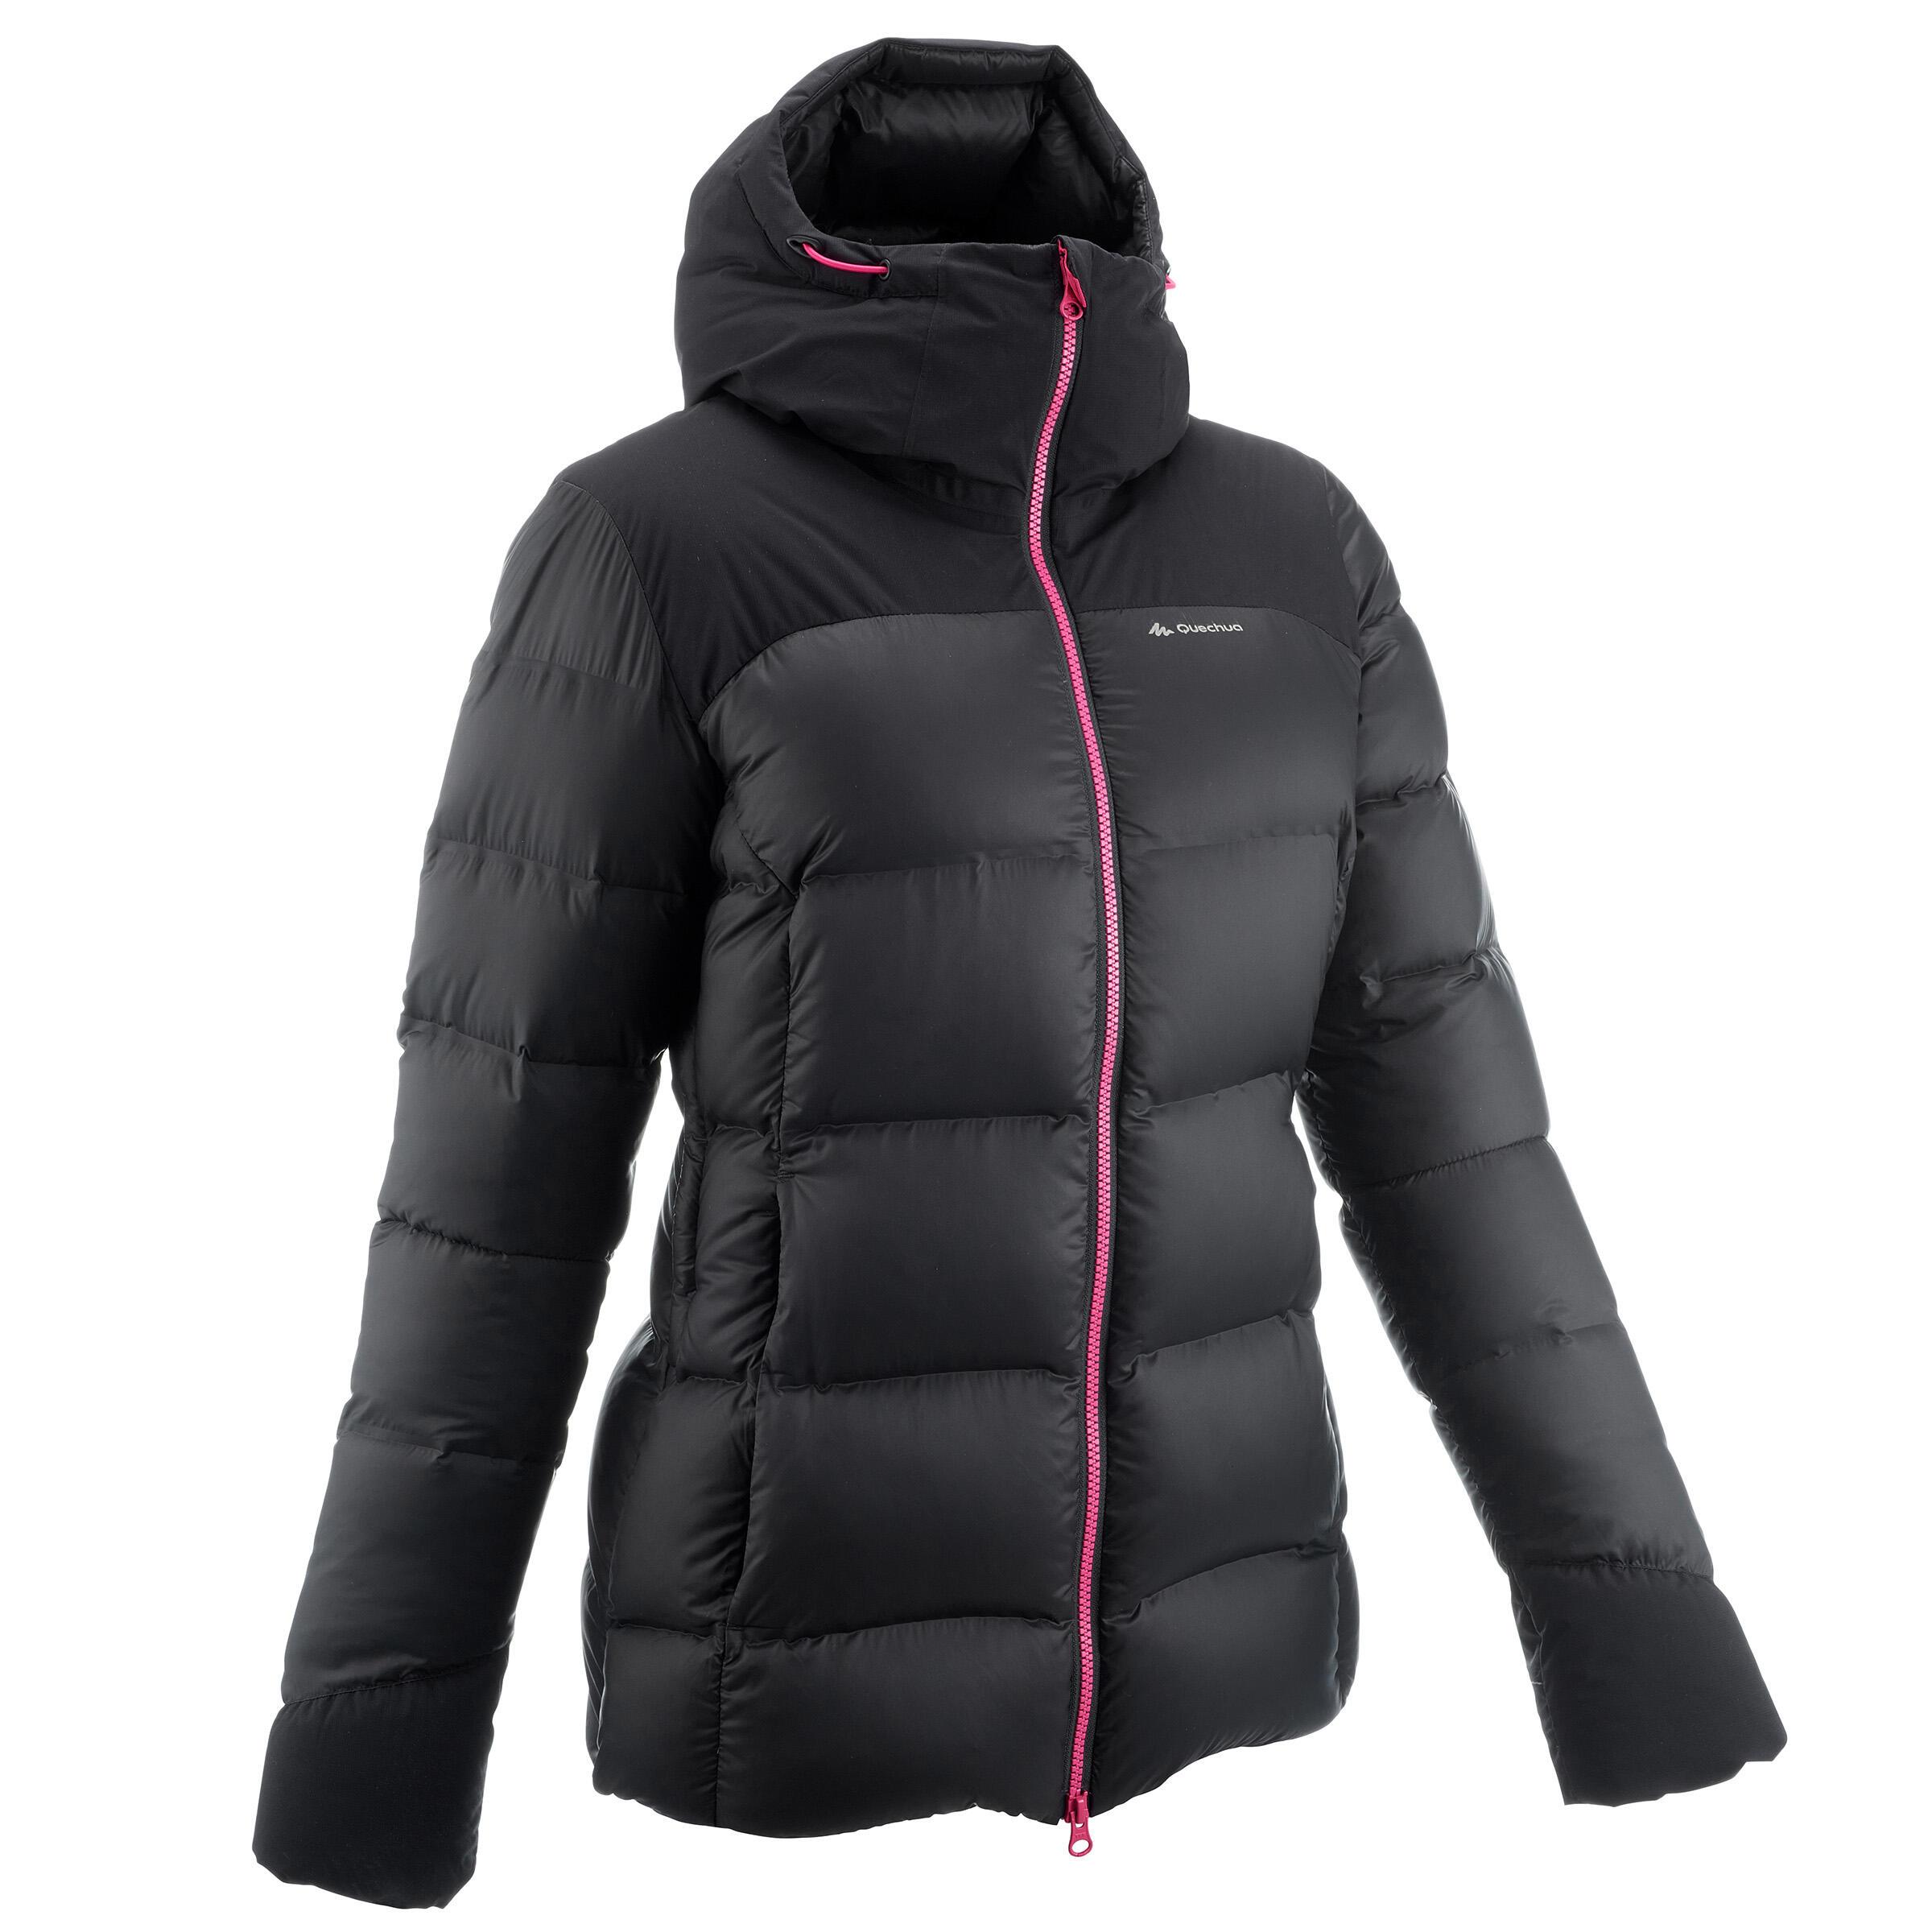 Forclaz Donsjas voor bergtrekking Trek 900 Warm dames